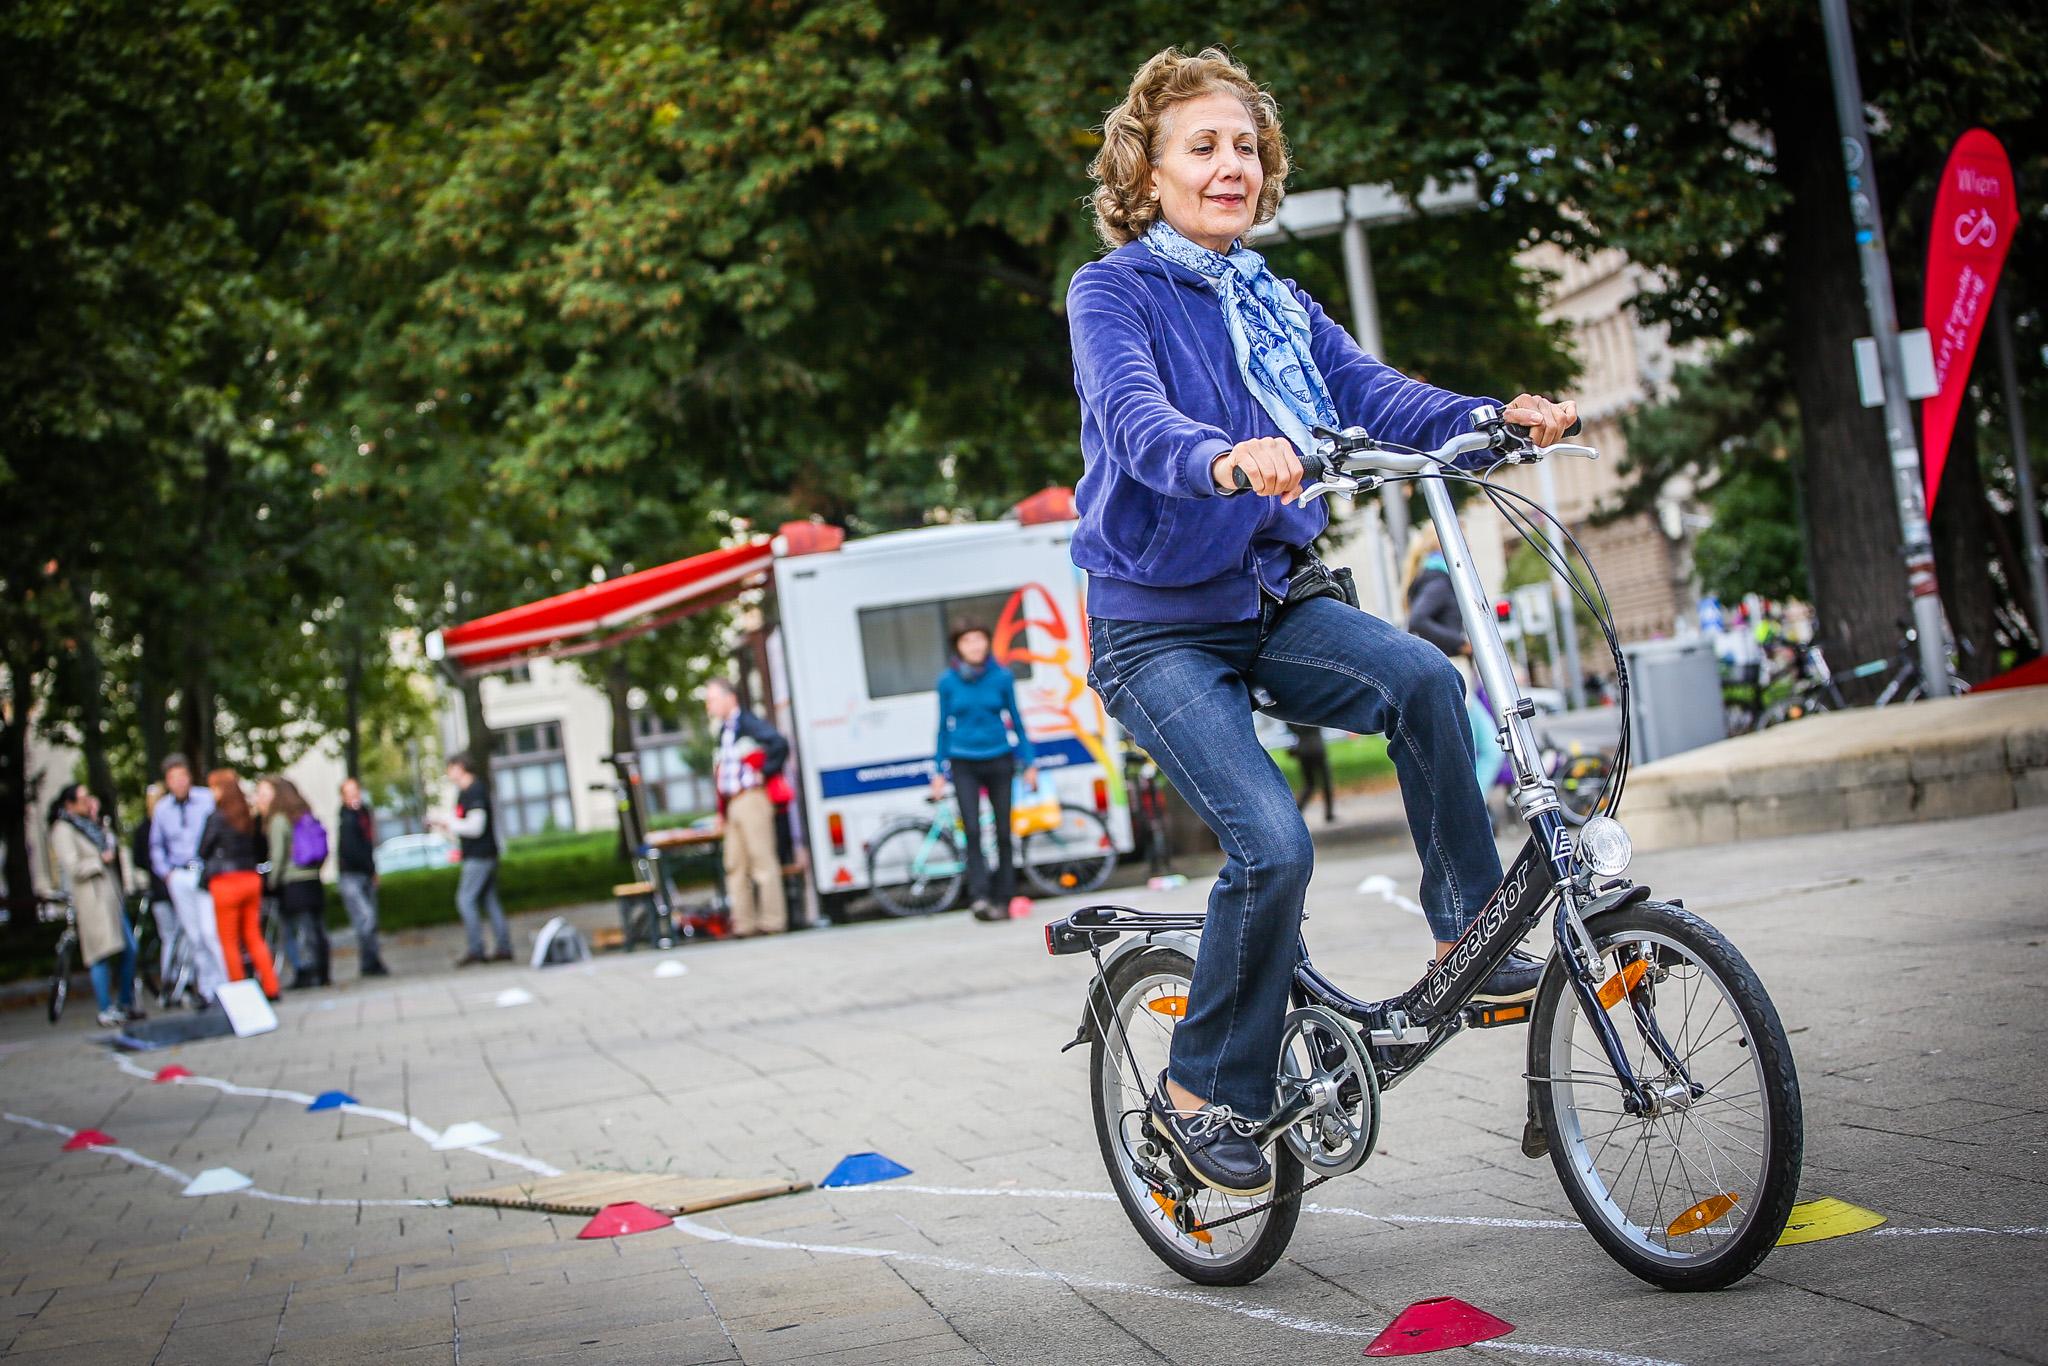 Mobilität per Fahrrad im hohen Alter